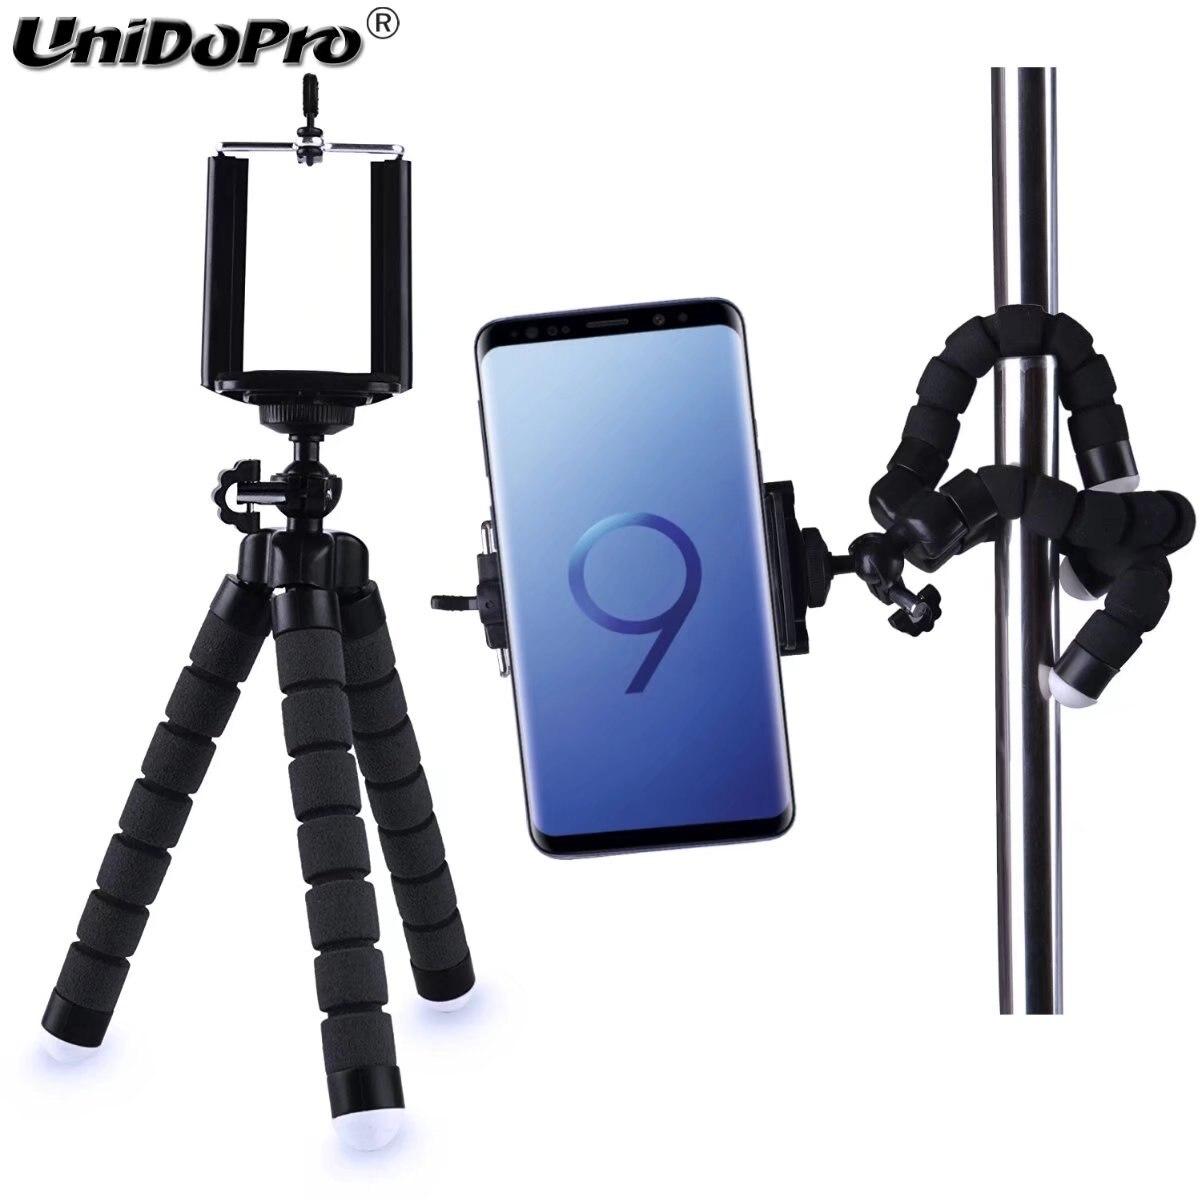 Гибкий держатель для телефона в виде осьминога, аксессуар для смартфона, подставка, держатель для мобильного телефона, штатив для Samsung Galaxy S20...